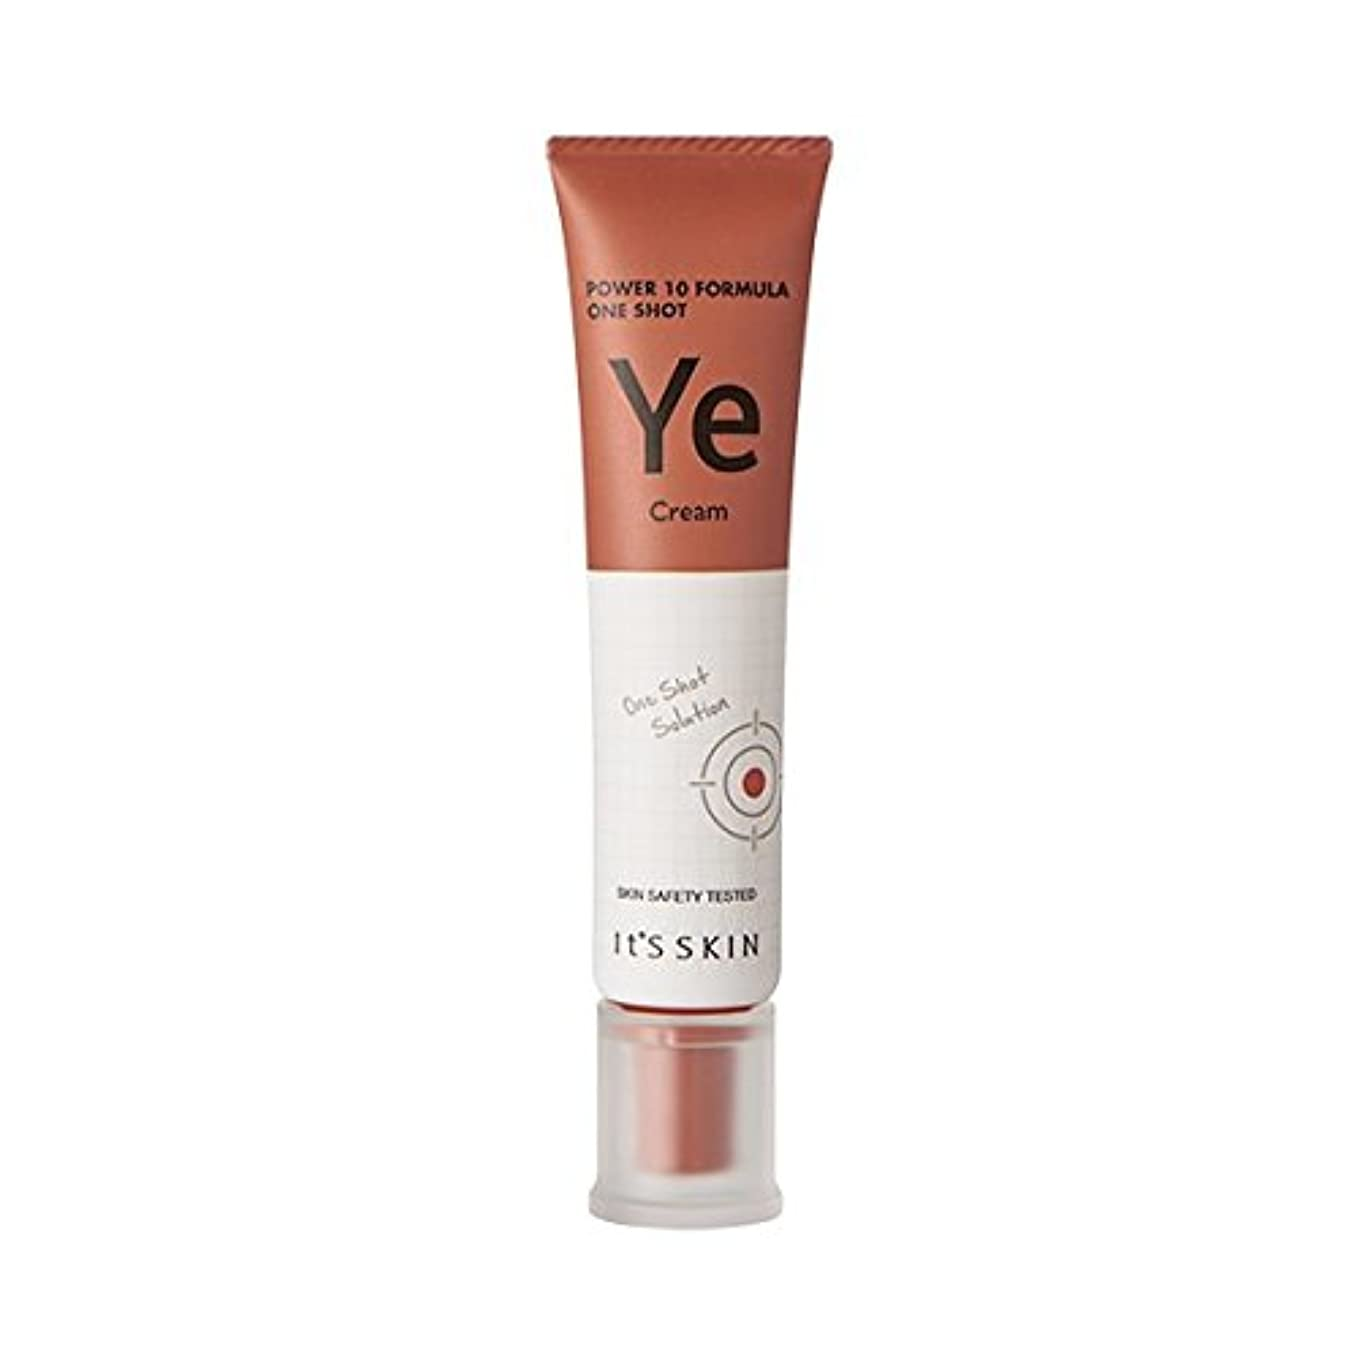 アミューズメント活気づける調停する[New] It's Skin Power 10 Formula One Shot Cream (Ye) / イッツスキンパワー10 フォーミュラワンショットクリーム [並行輸入品]